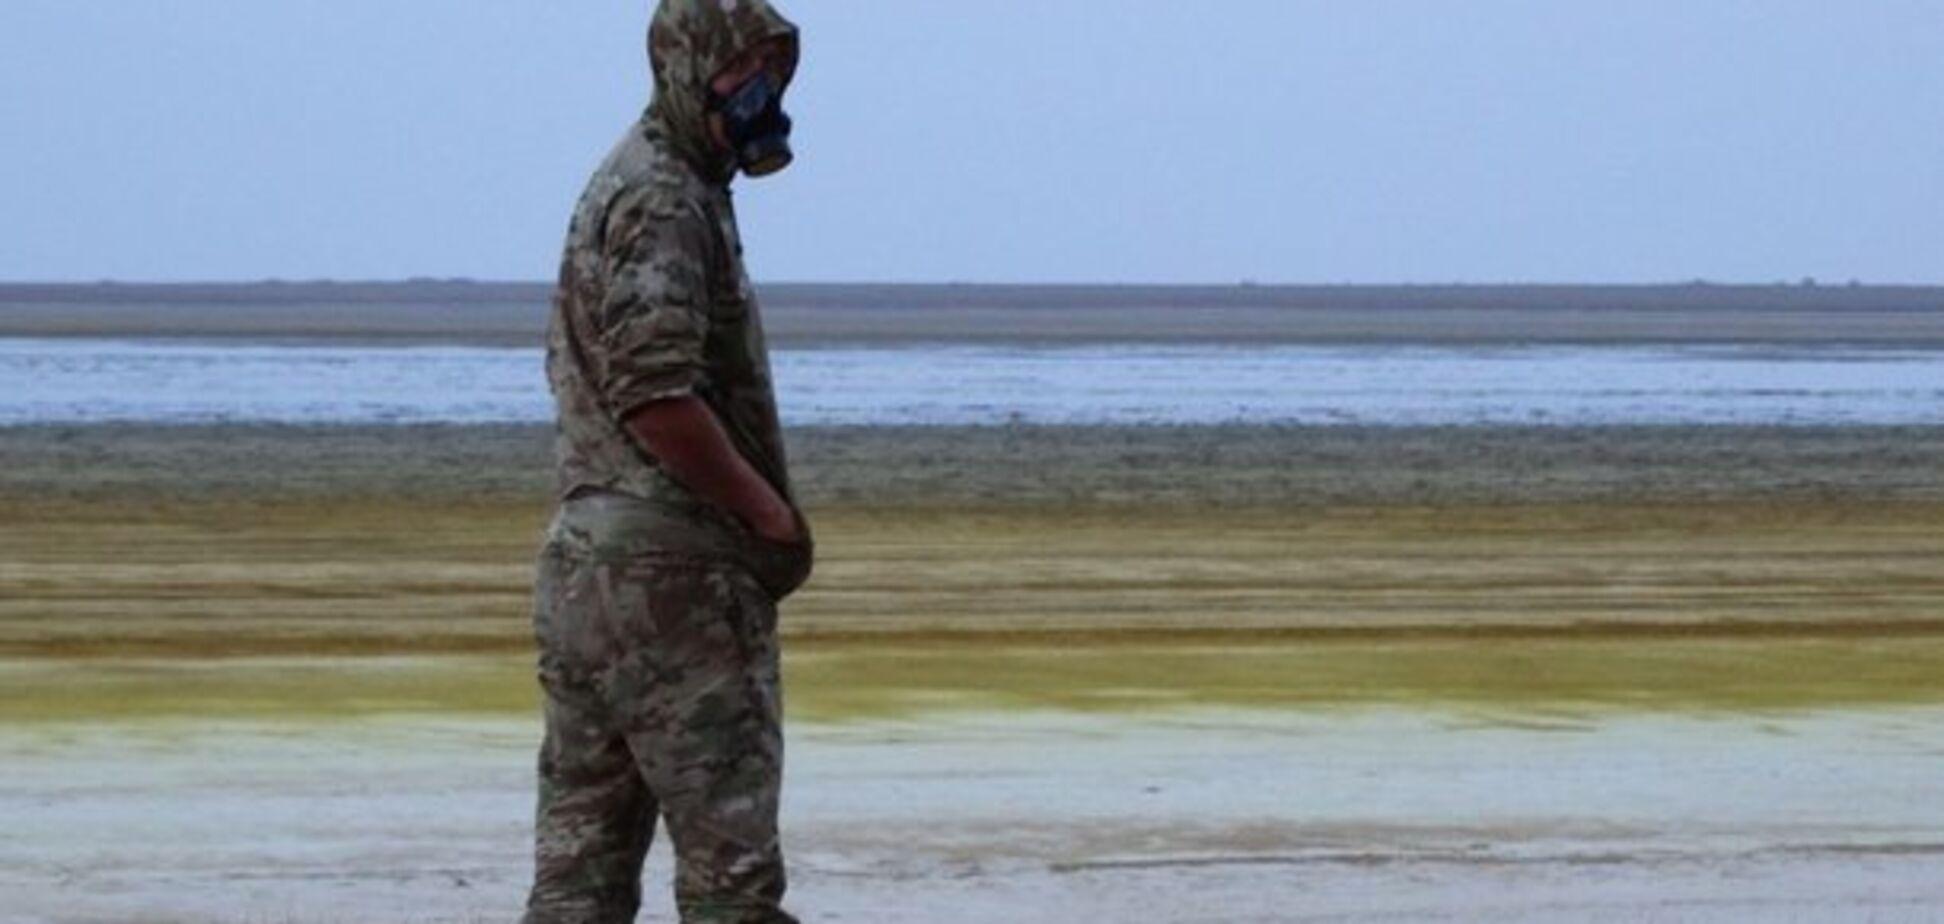 Умирают коты и птицы: появились жуткие фото последствий экокатастрофы в Крыму